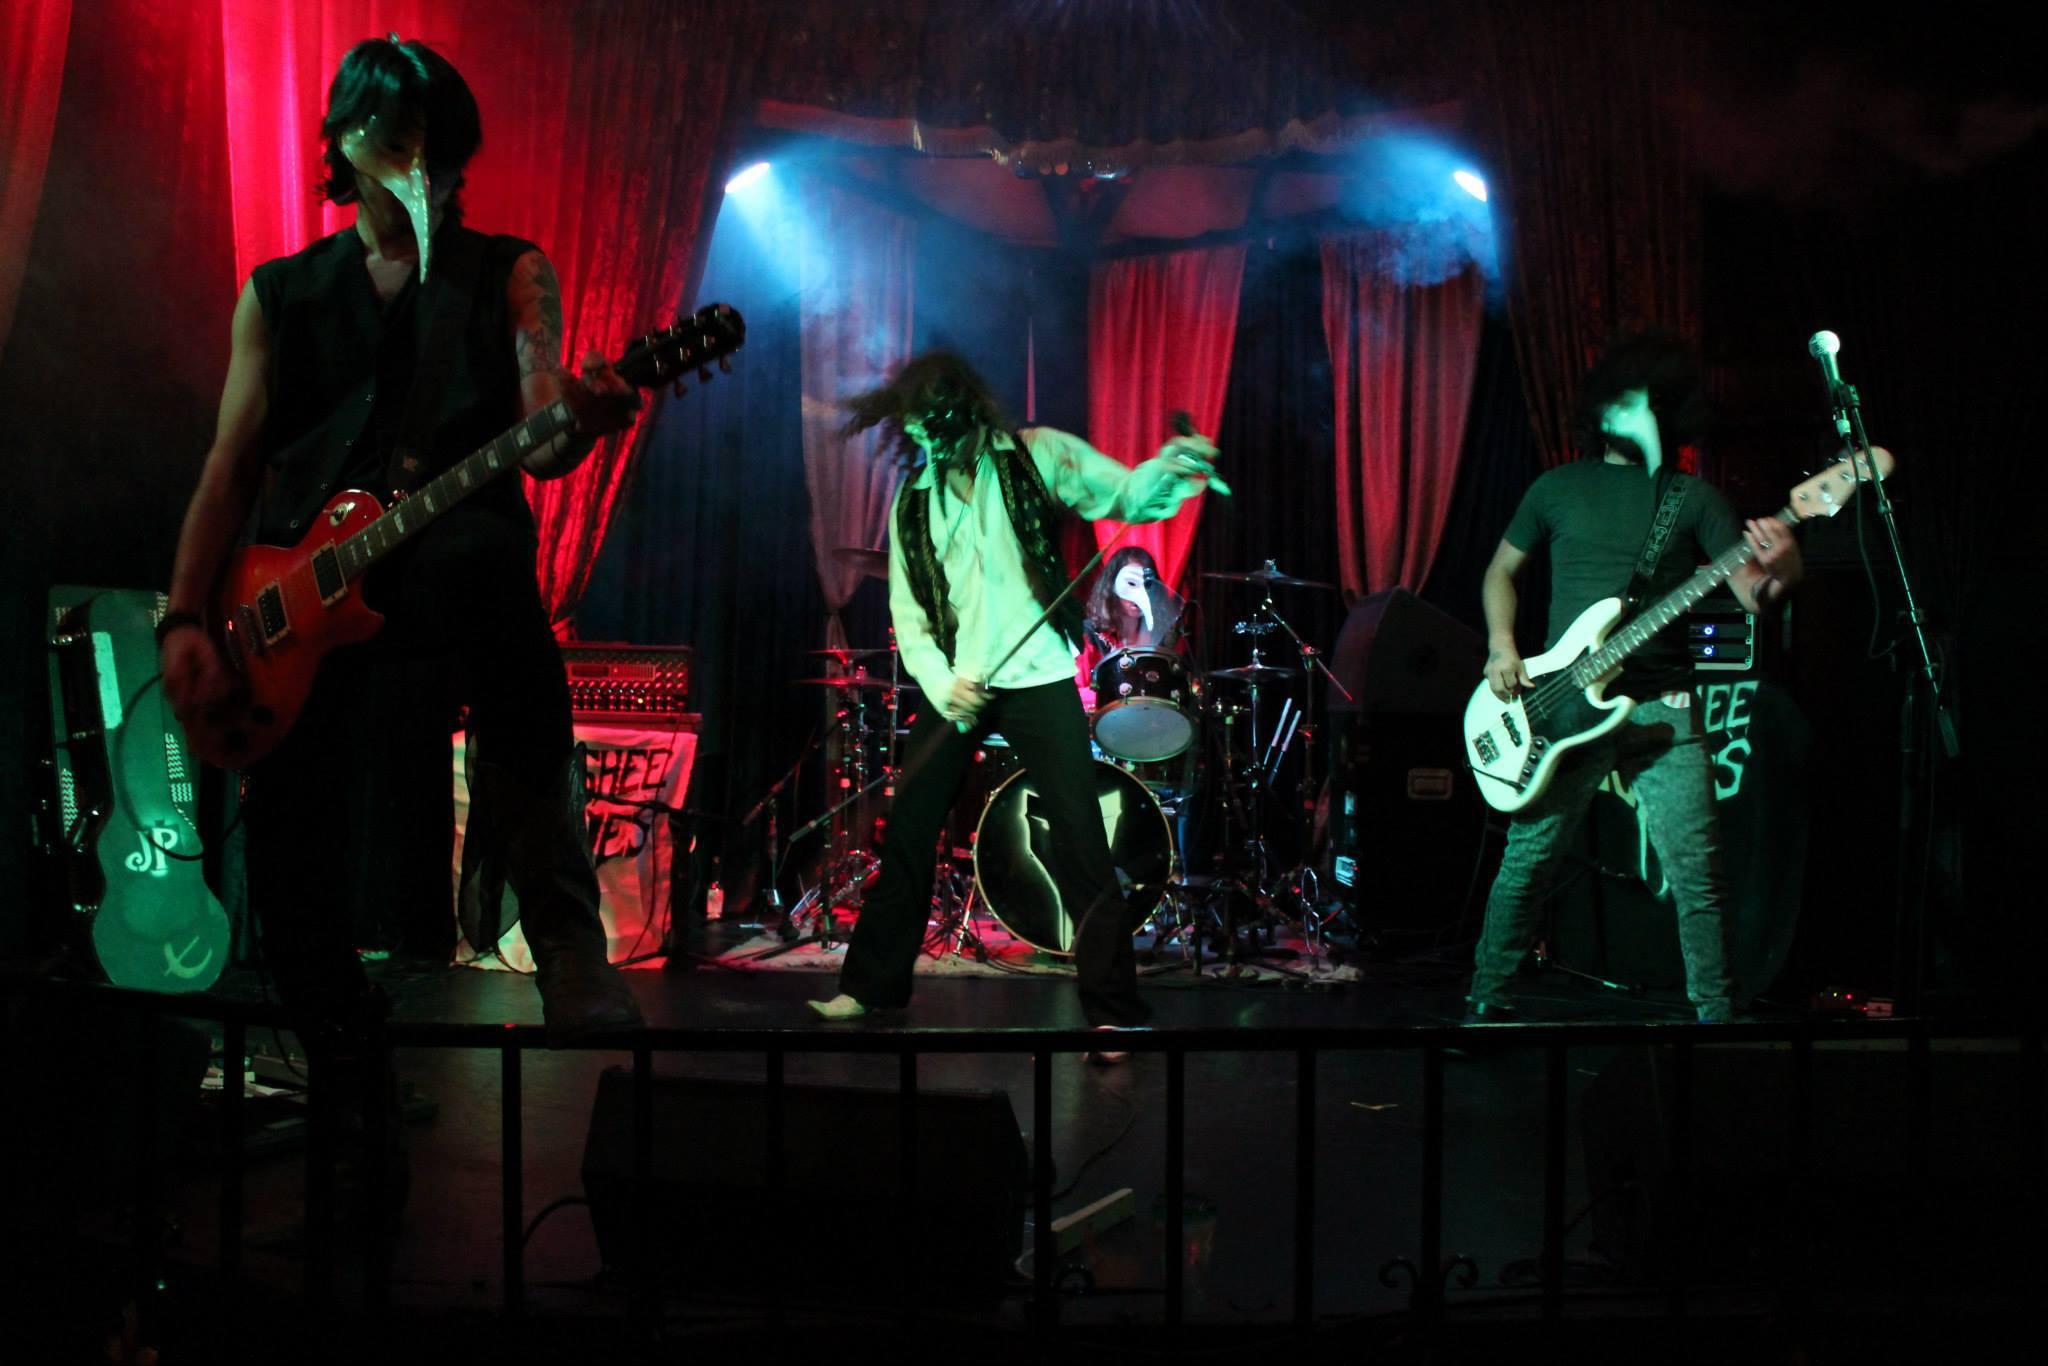 LIVE REVIEW: Banshee Bones @ Bar Sinister